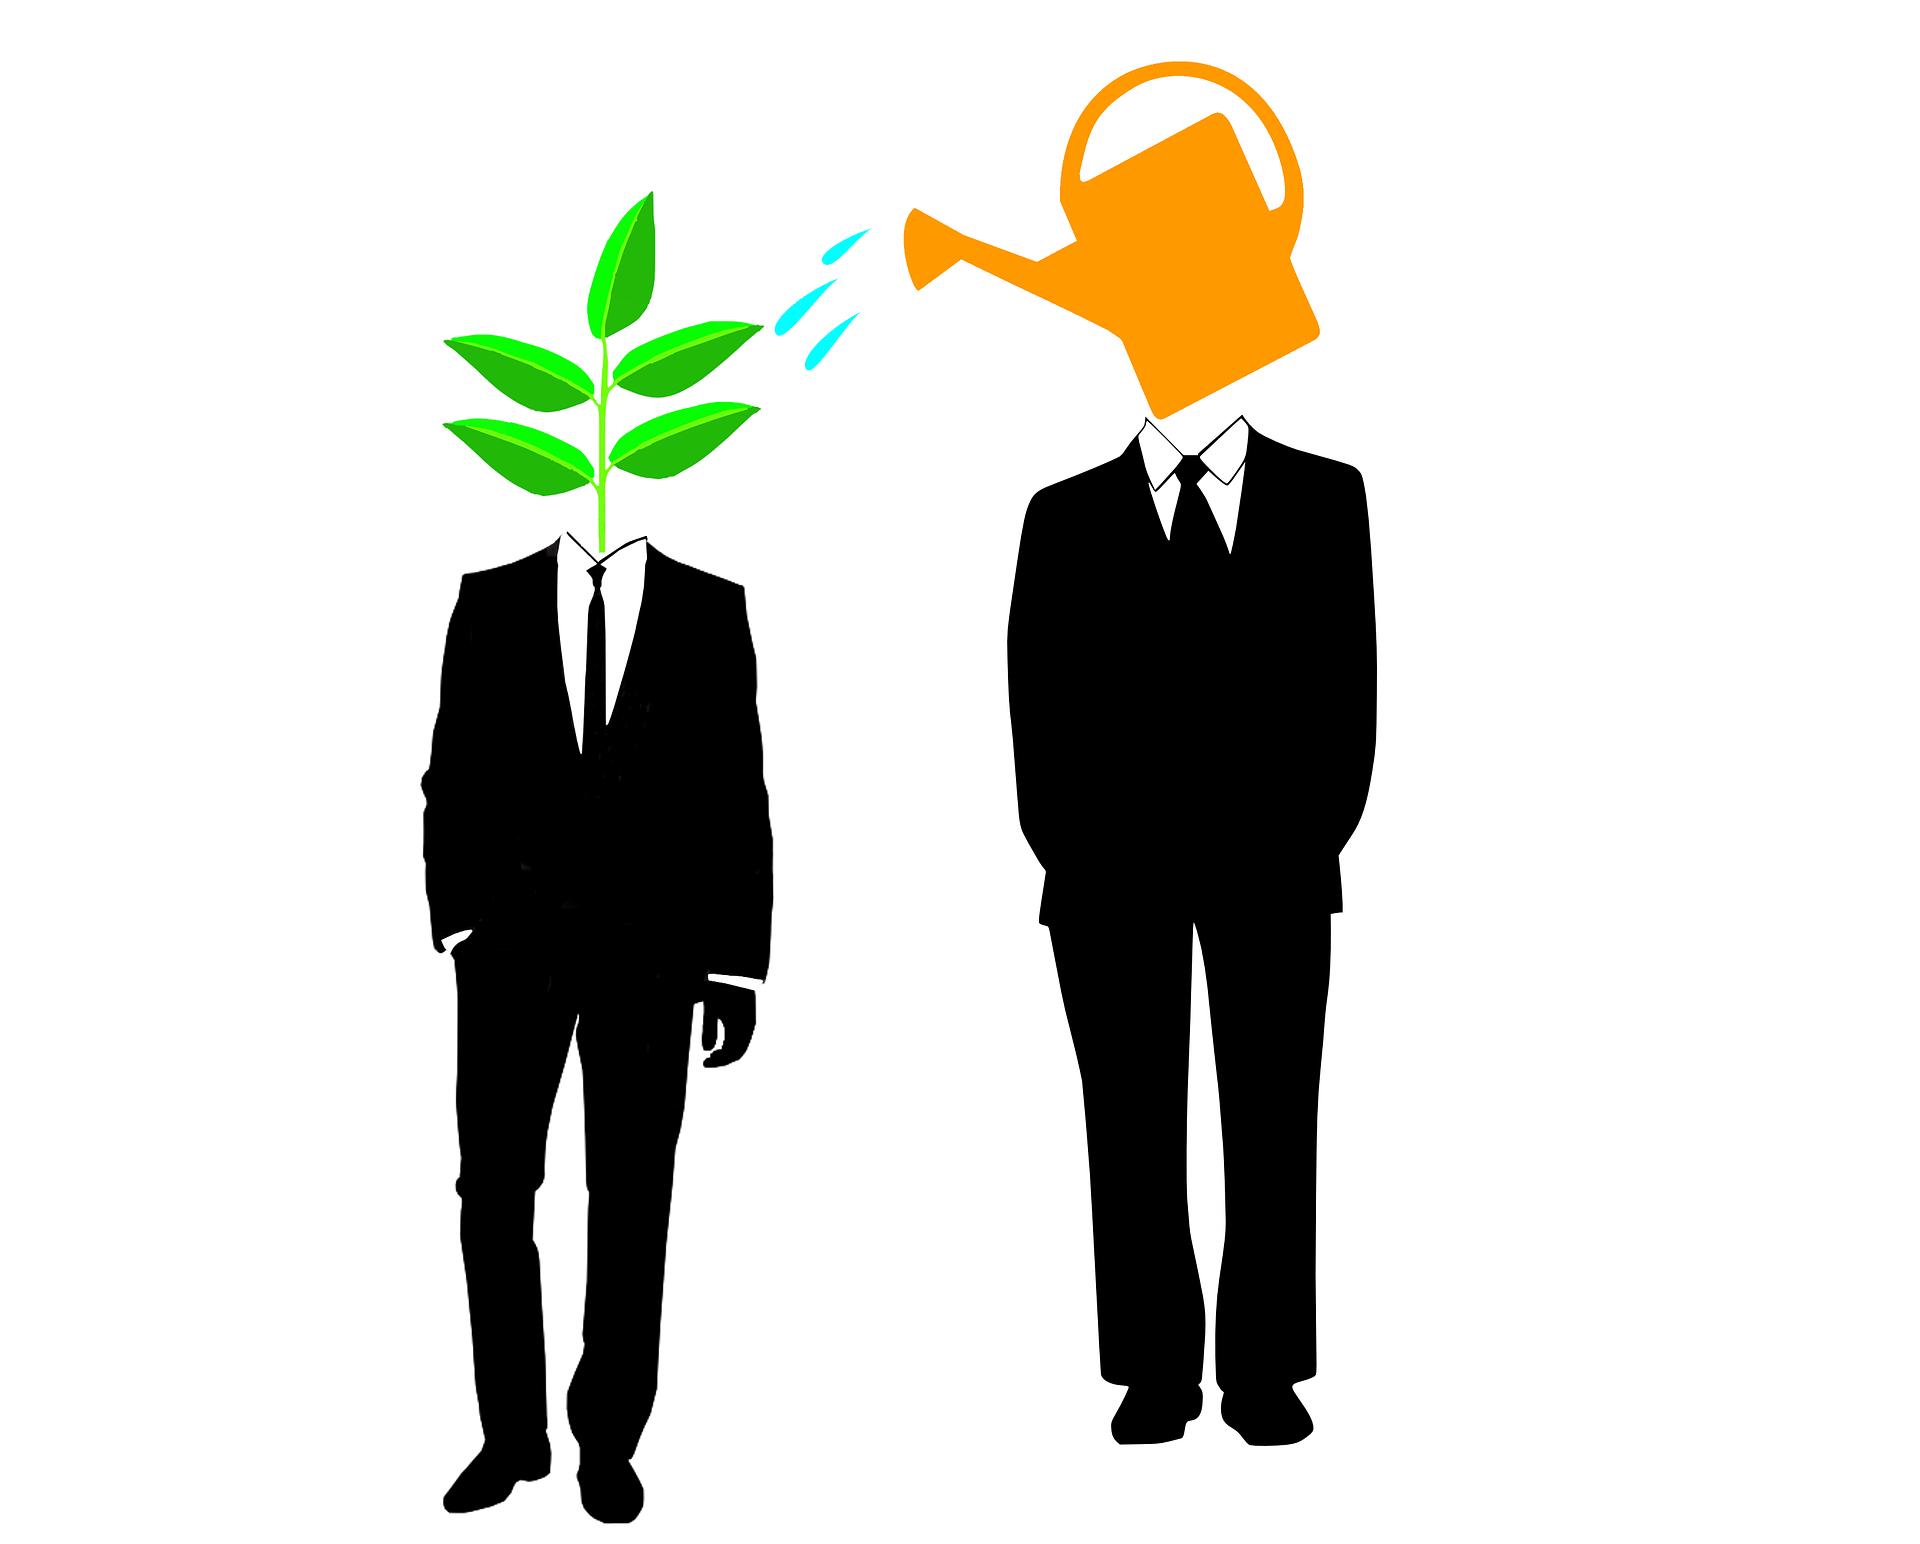 mentoria-de-negocios-auxilia-empreendedores-durante-e-apos-a-pandemia